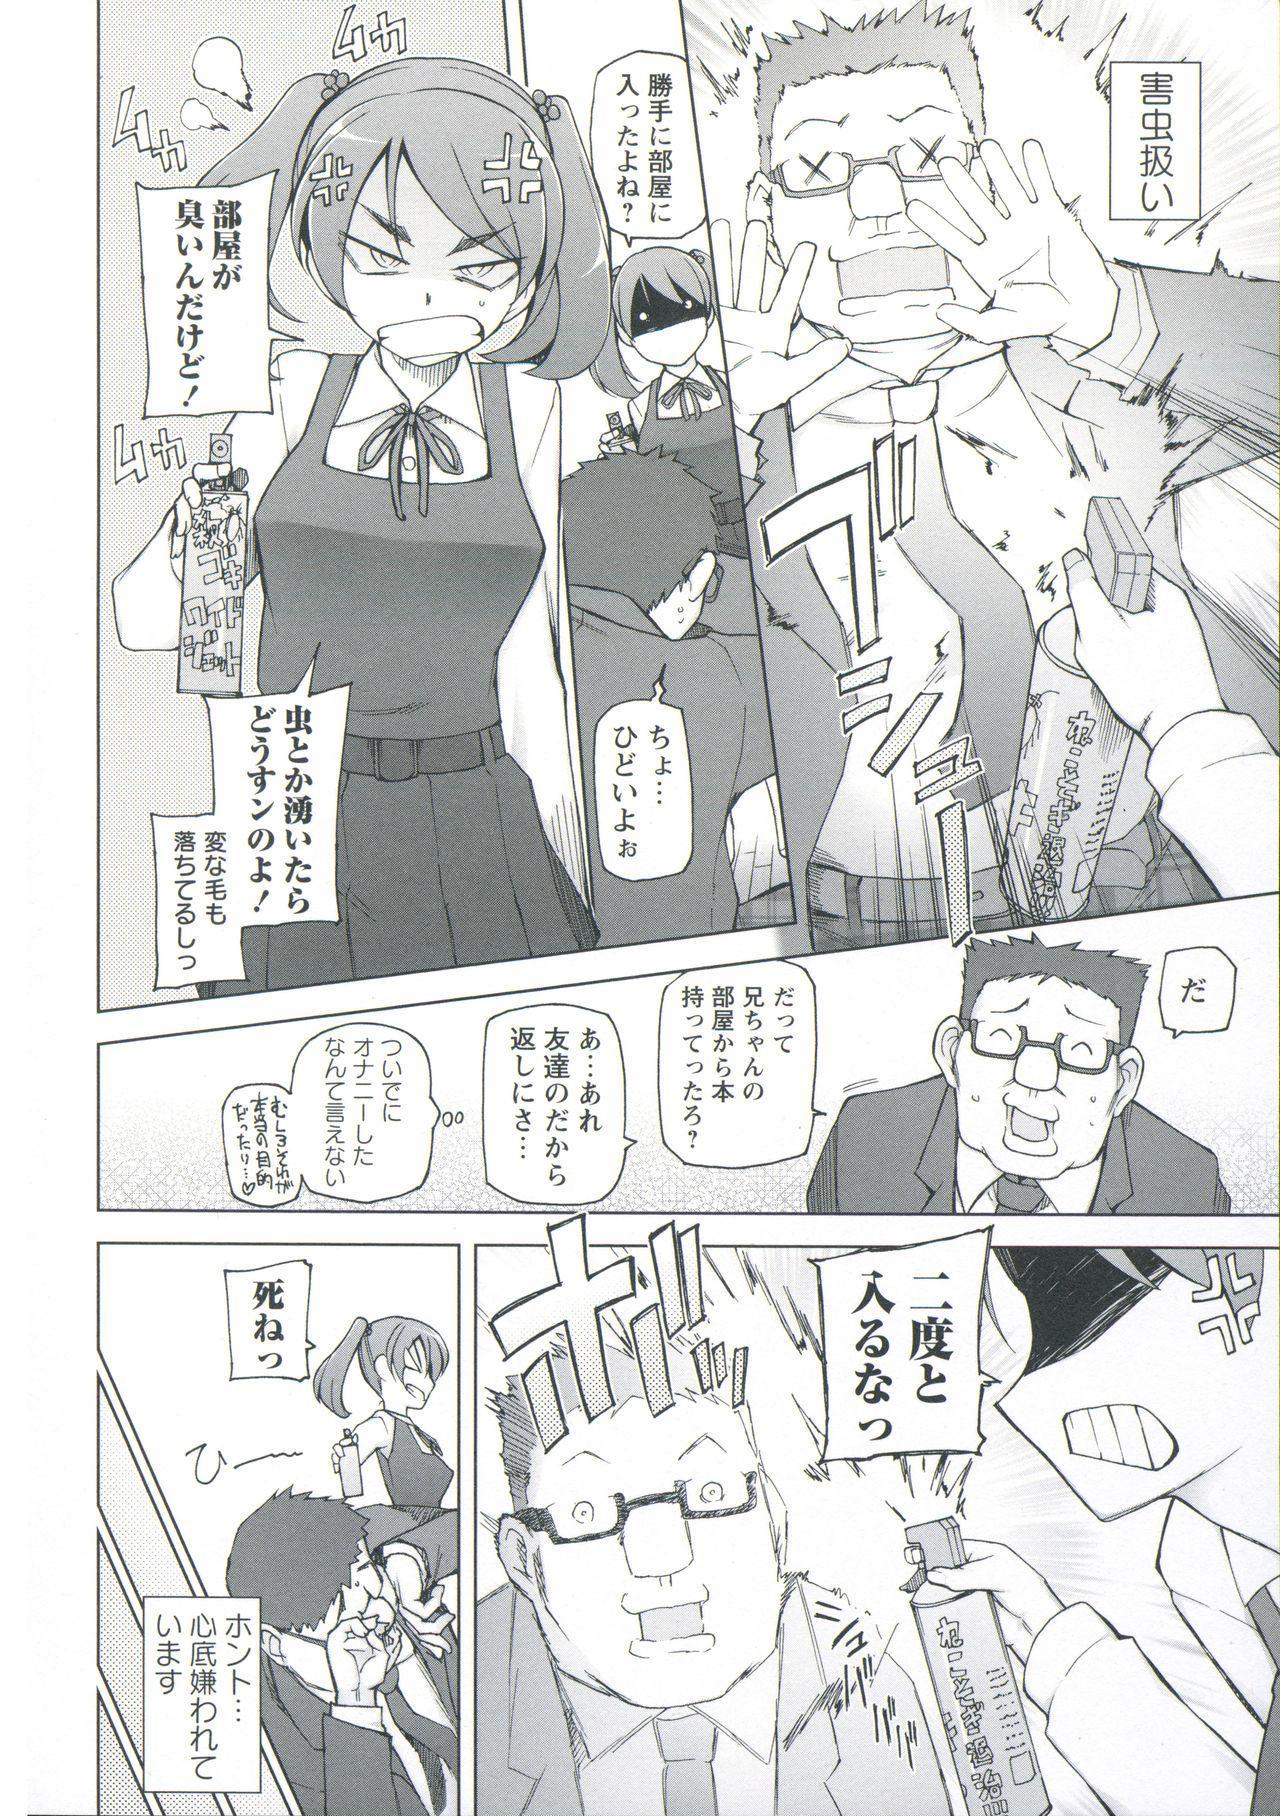 Zettai Jusei Namahame Shoujo 51